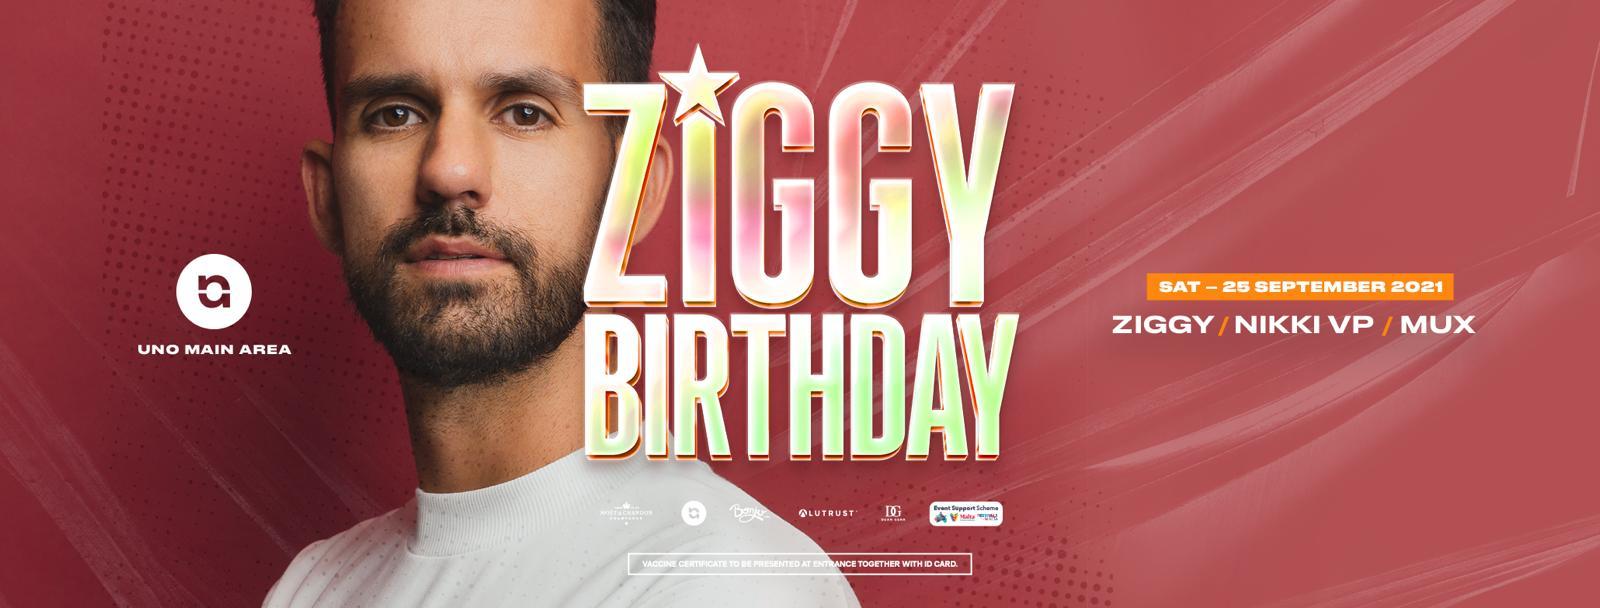 Ziggy Presents - Ziggy's Birthday!